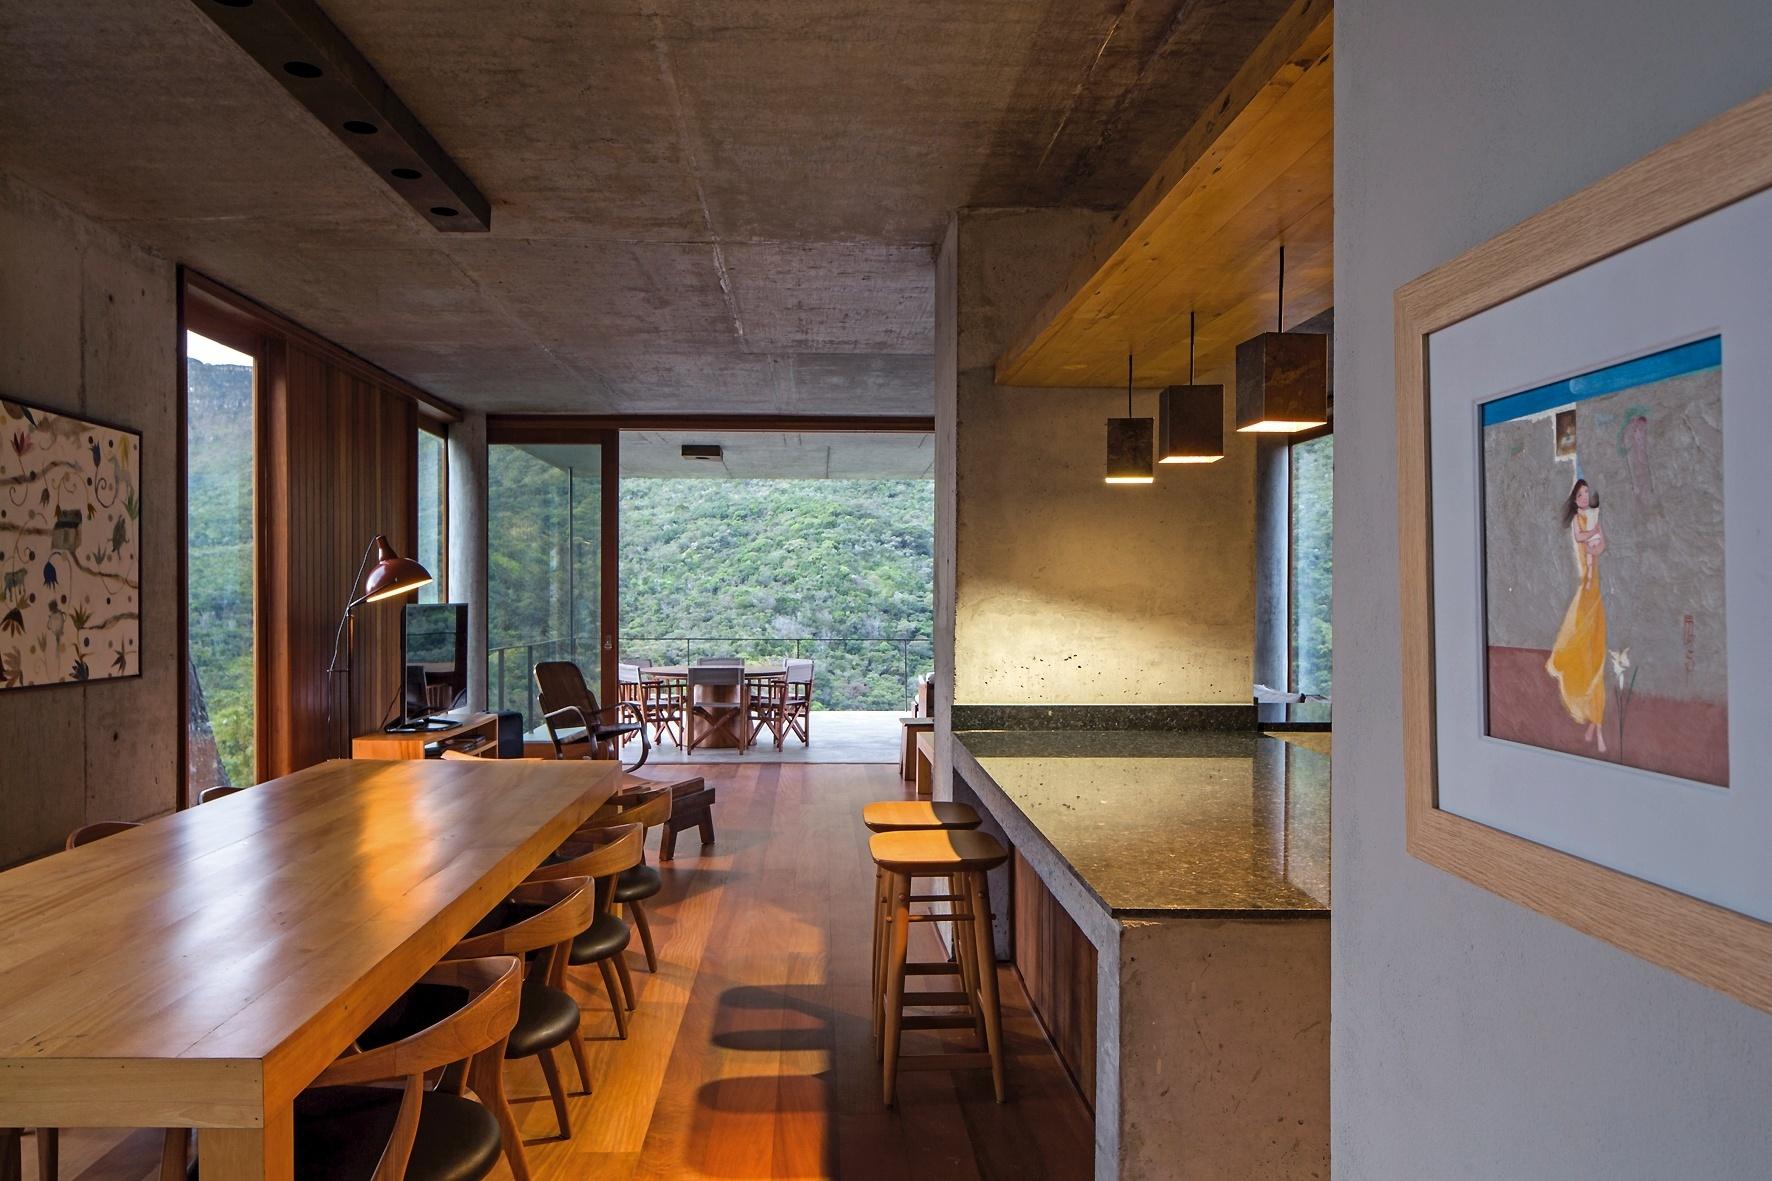 Desse ângulo vê-se a integração dos ambientes sociais com cozinha/bar e jantar em primeiro plano, seguidos por home theater, sala de estar e a generosa varanda de onde se vislumbra a bela paisagem. A Casa do Bomba, projetada pelo escritório Sotero Arquitetos, fica na Bahia